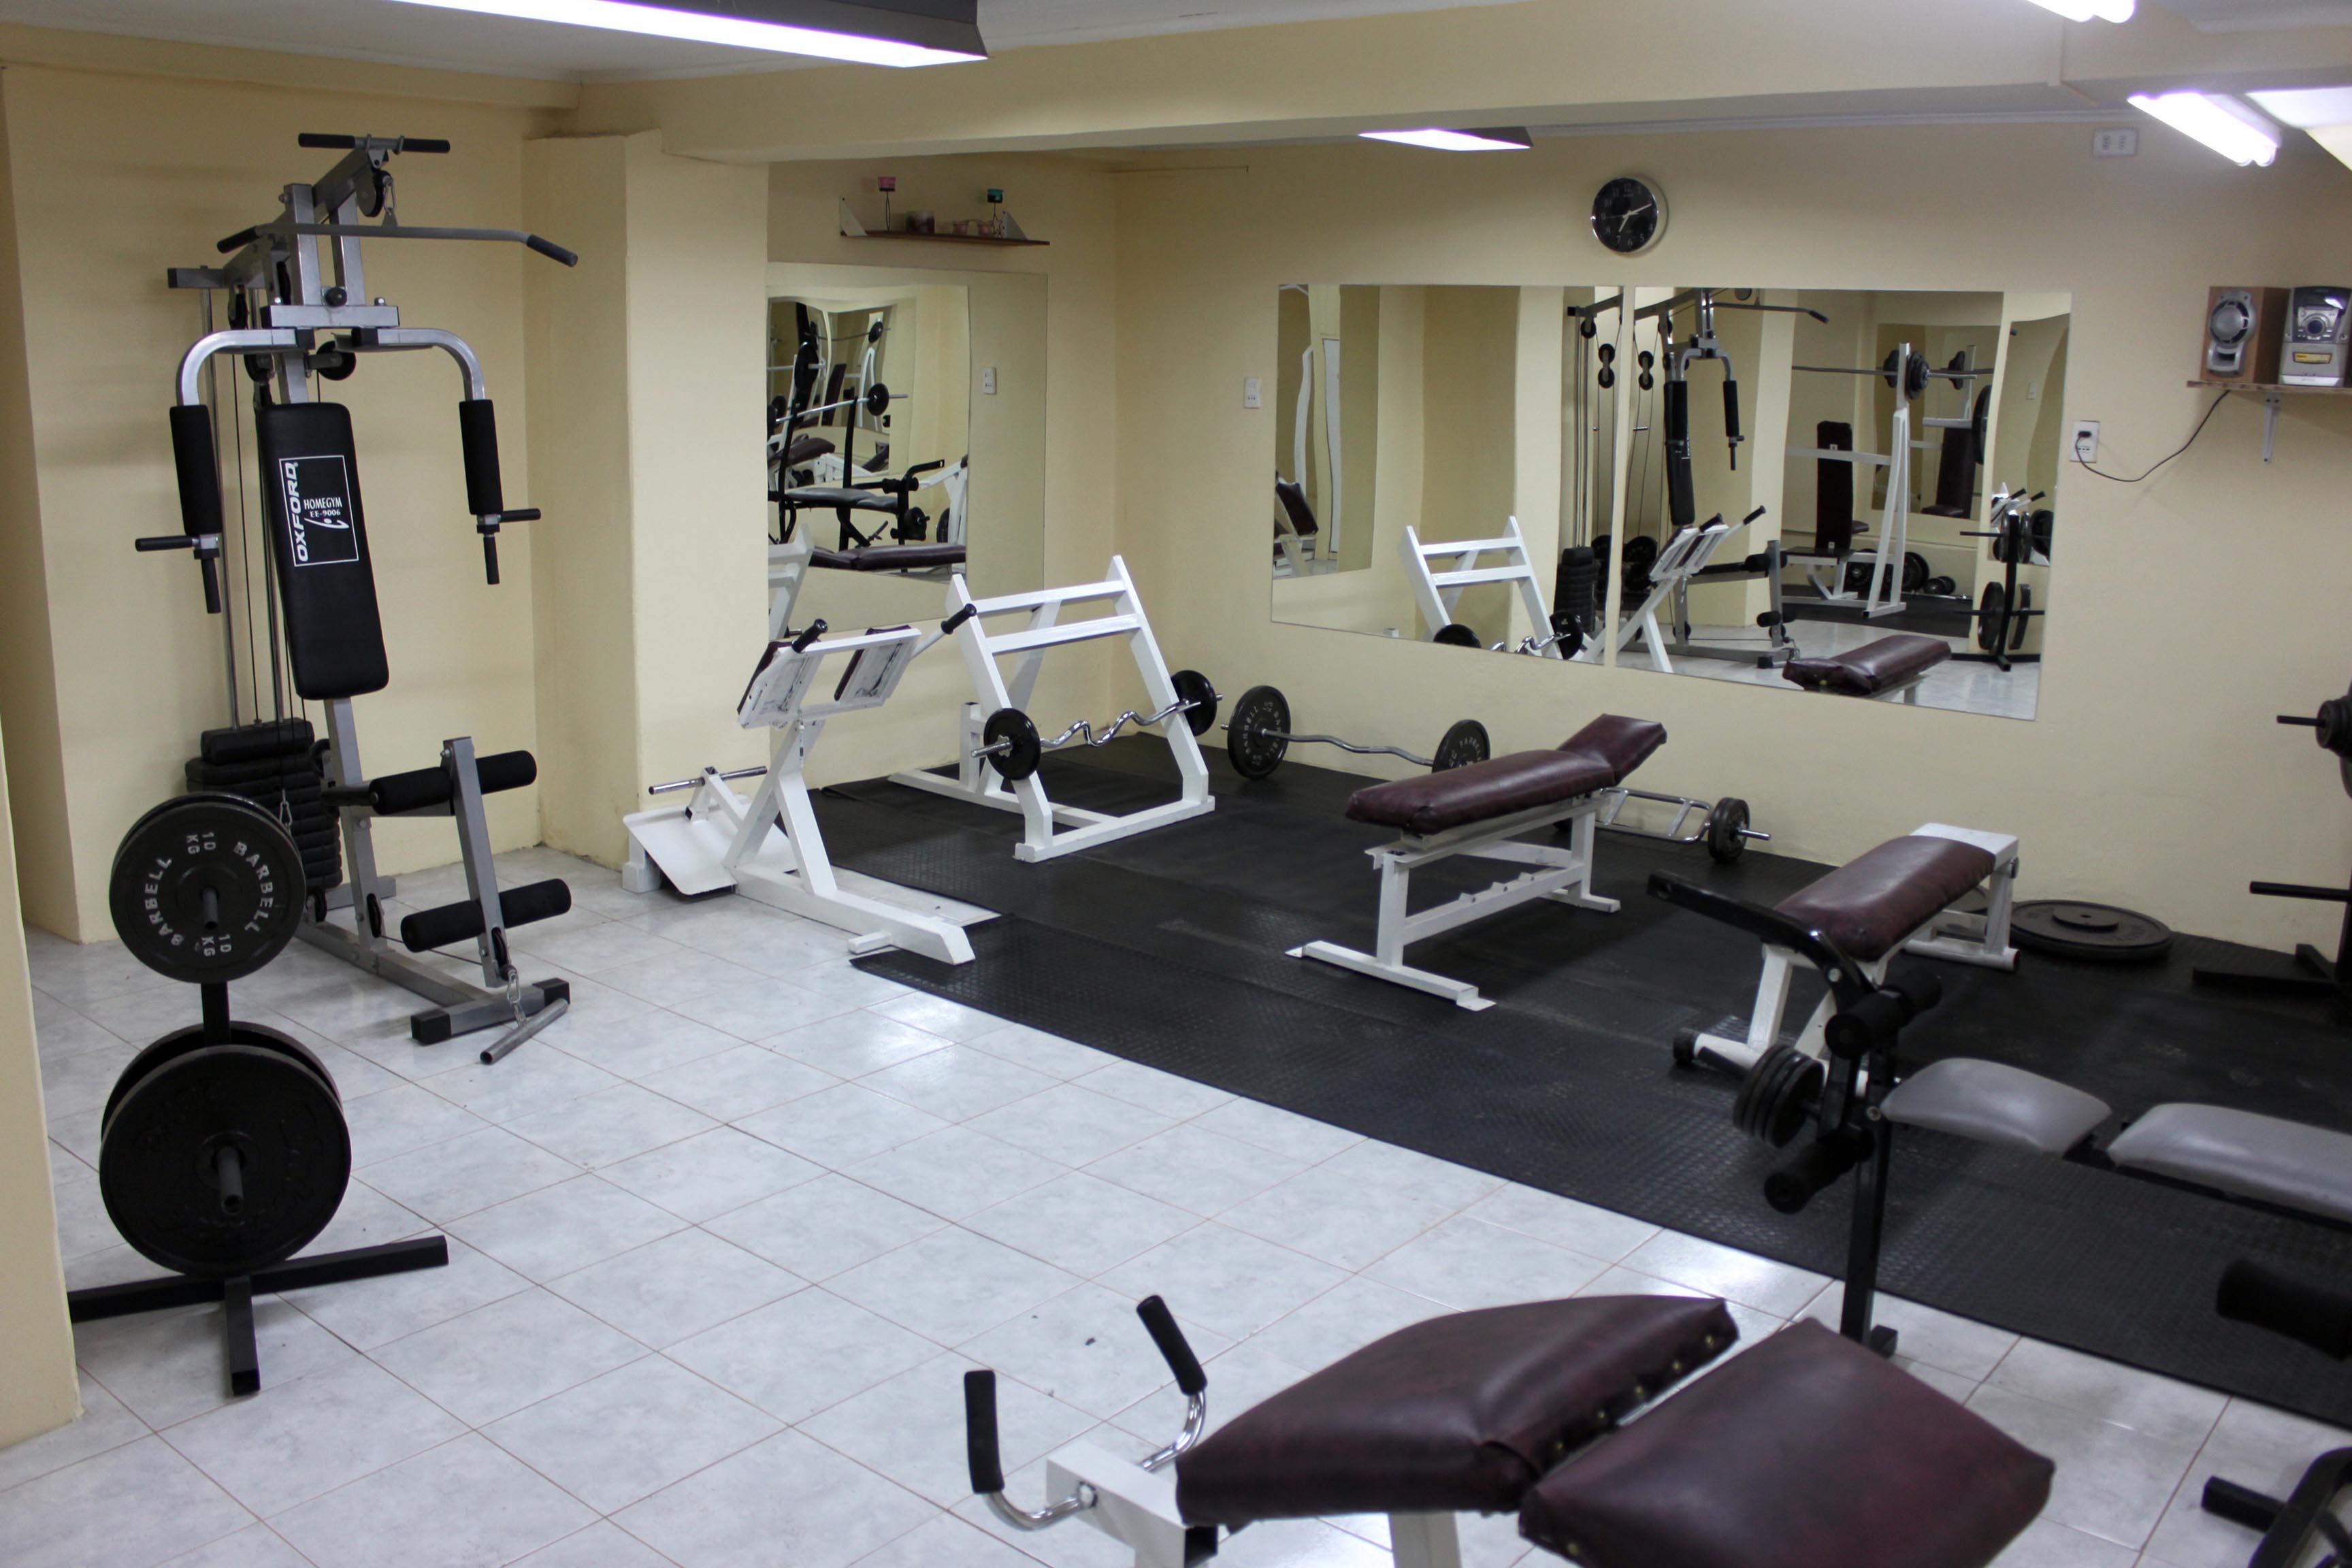 Nuevo gimnasio gym energy 42 abri sus puertas en punta for Gimnasio el gym